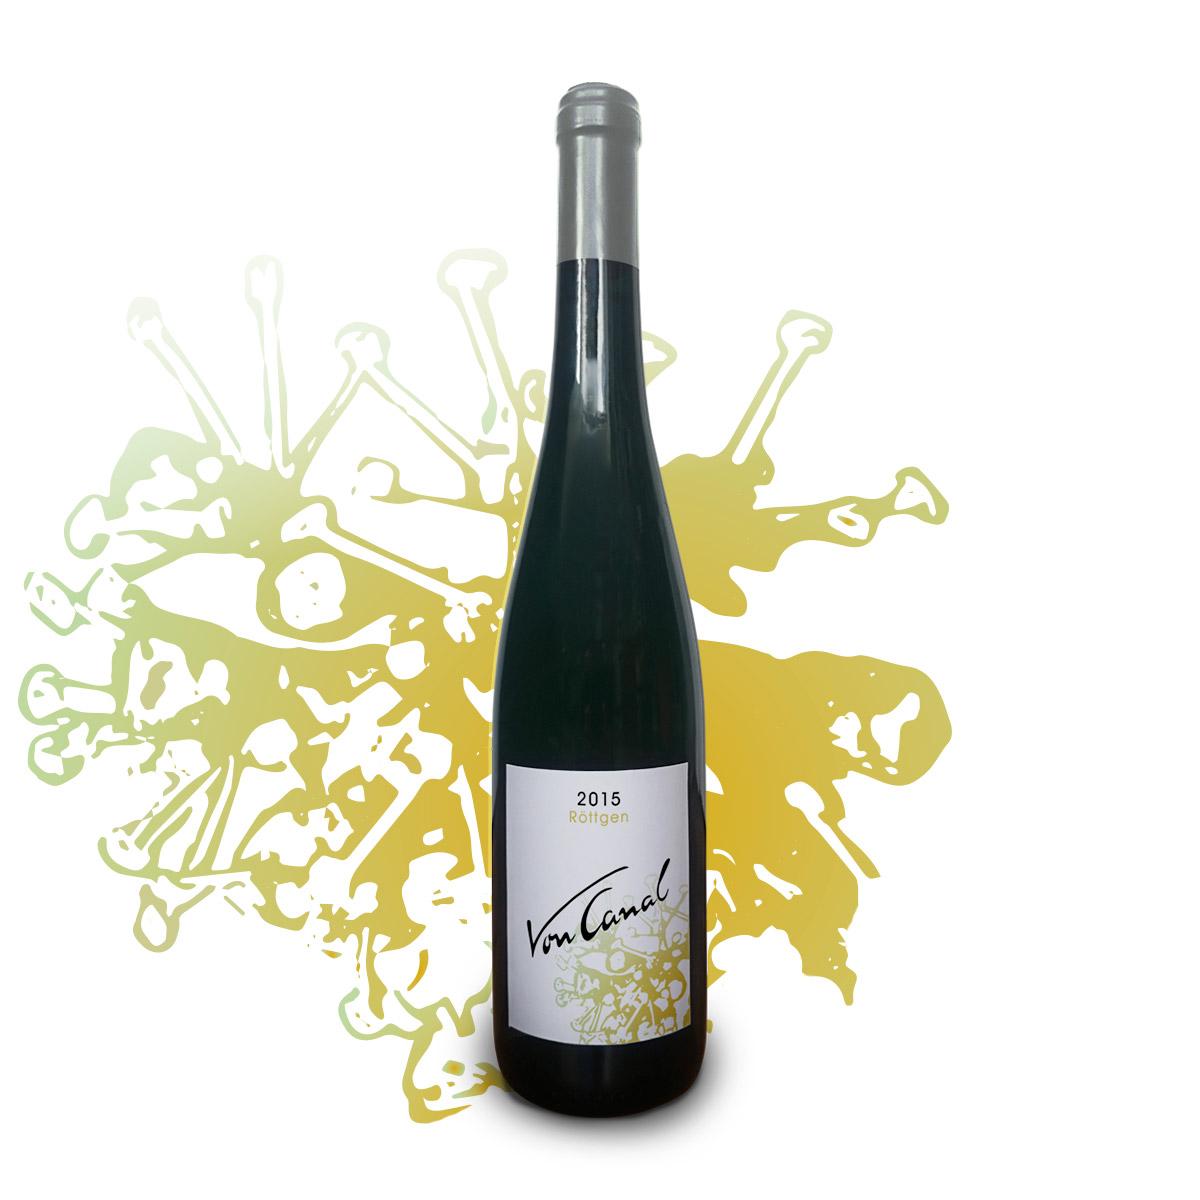 vC_Wein-Roettgen-2